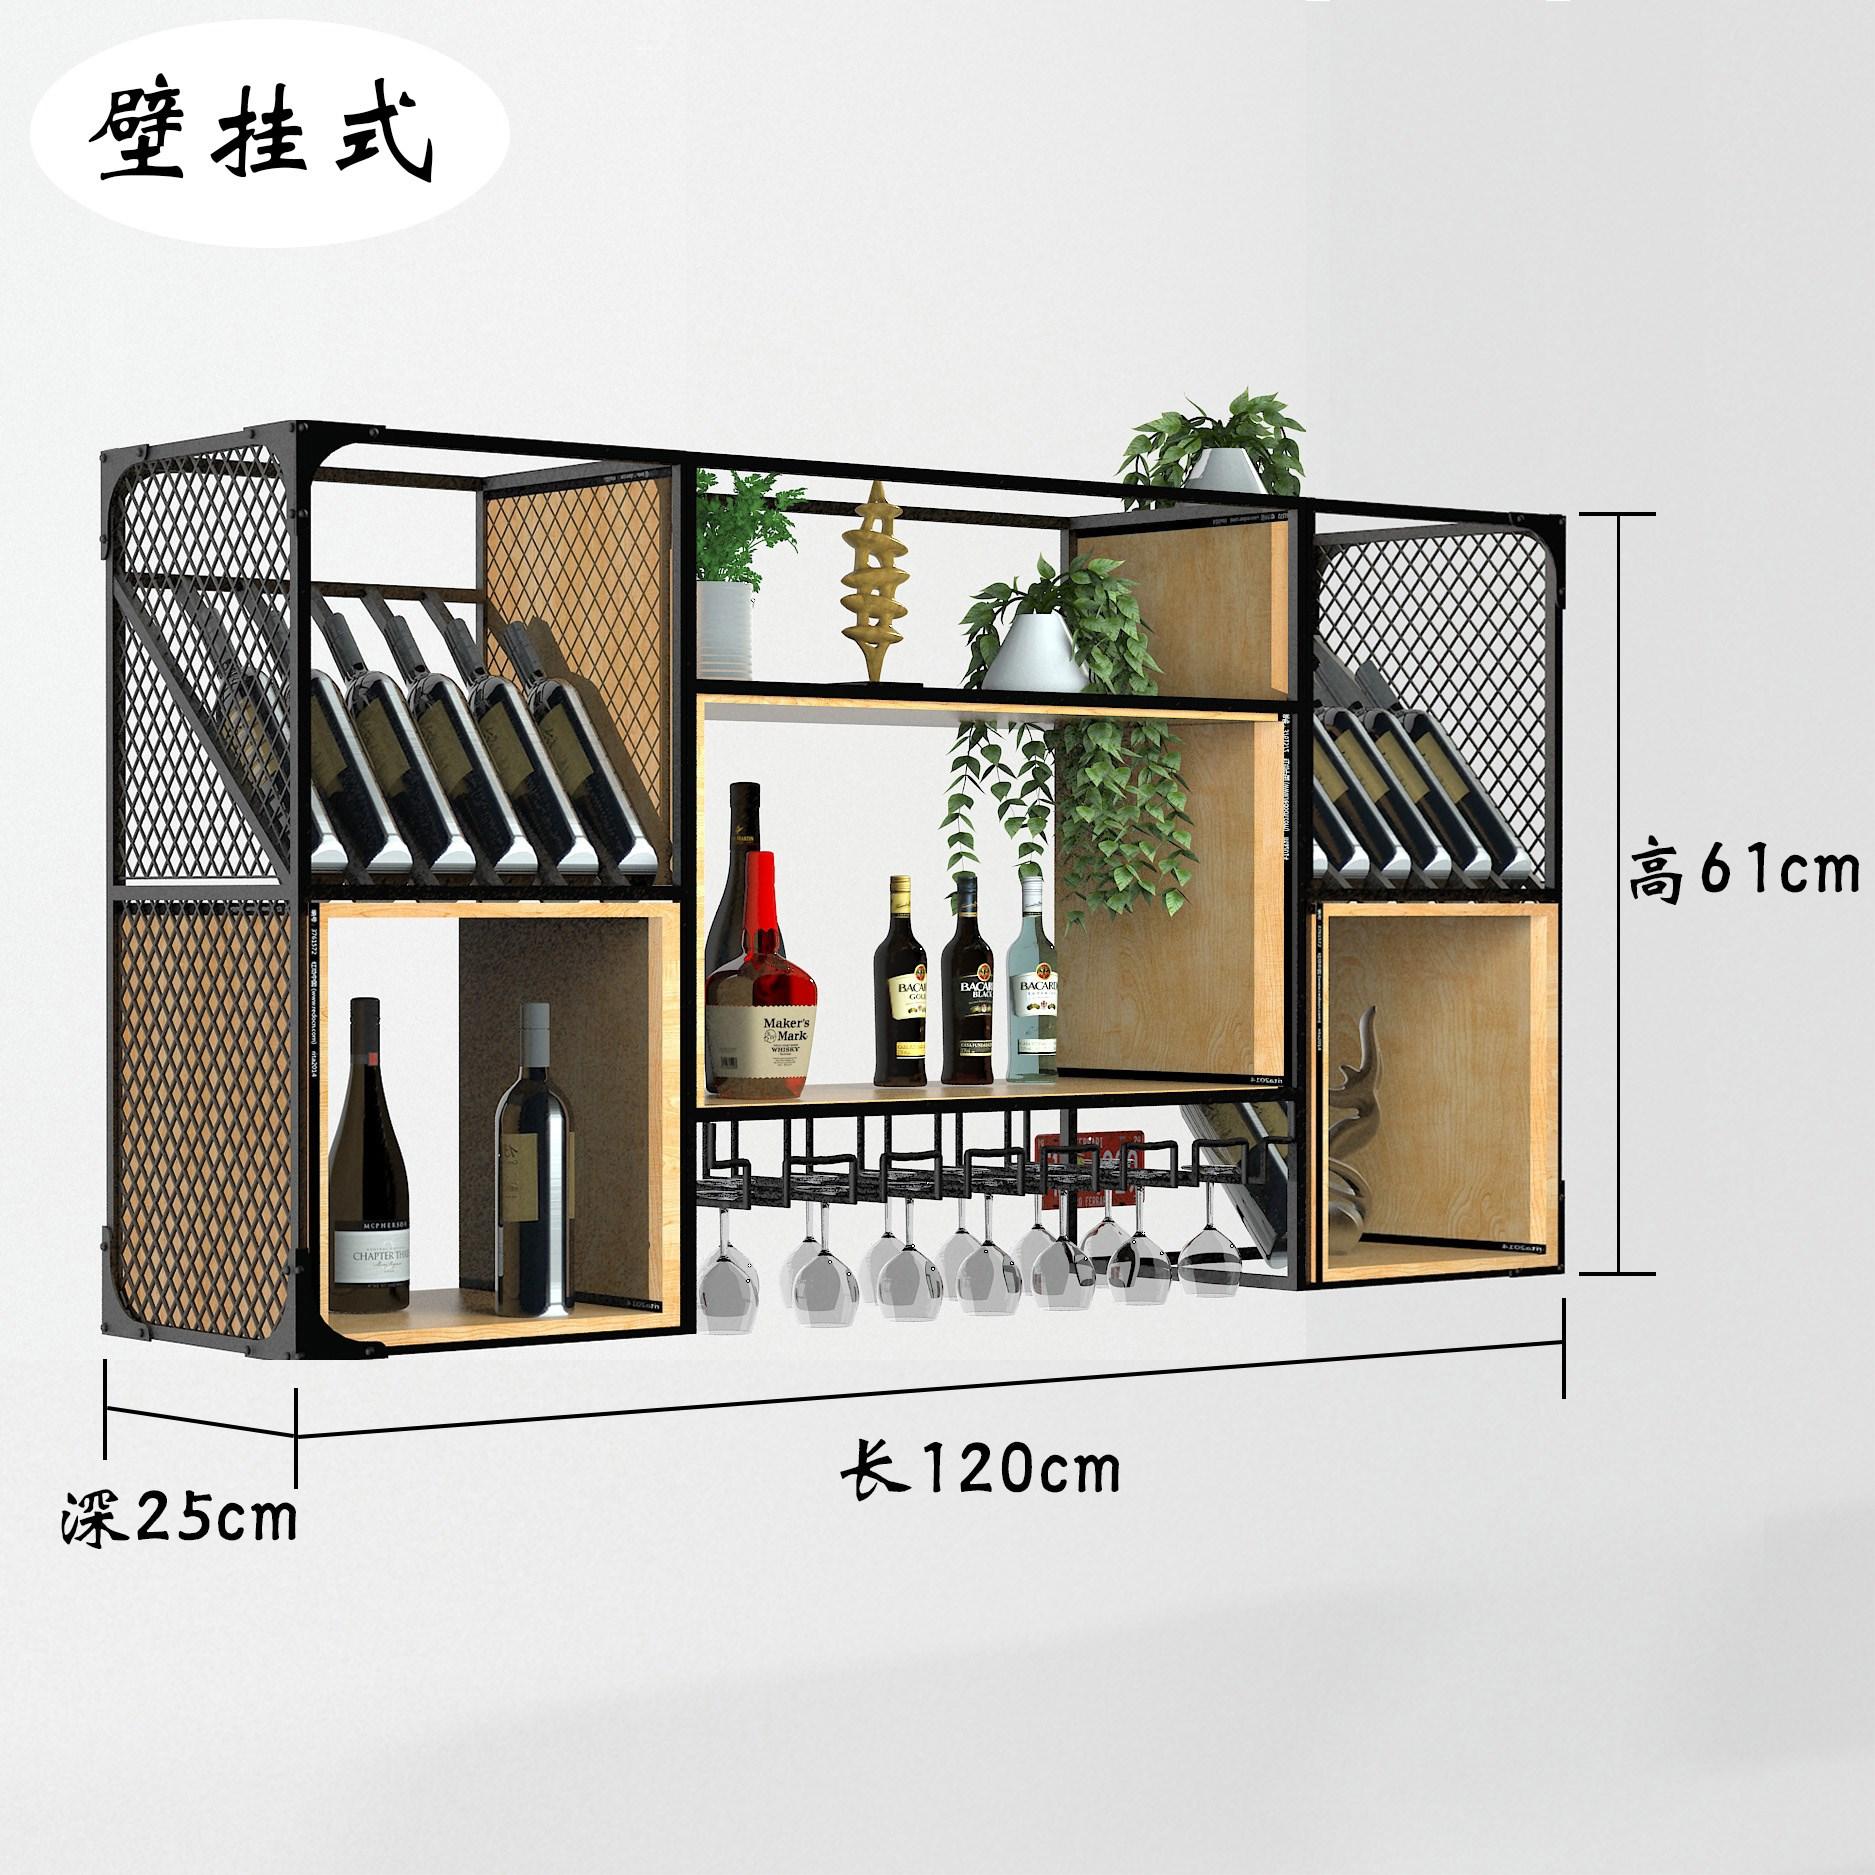 2018新款家用客厅创意工业风铁艺酒柜壁悬挂餐厅酒吧台红酒架展示